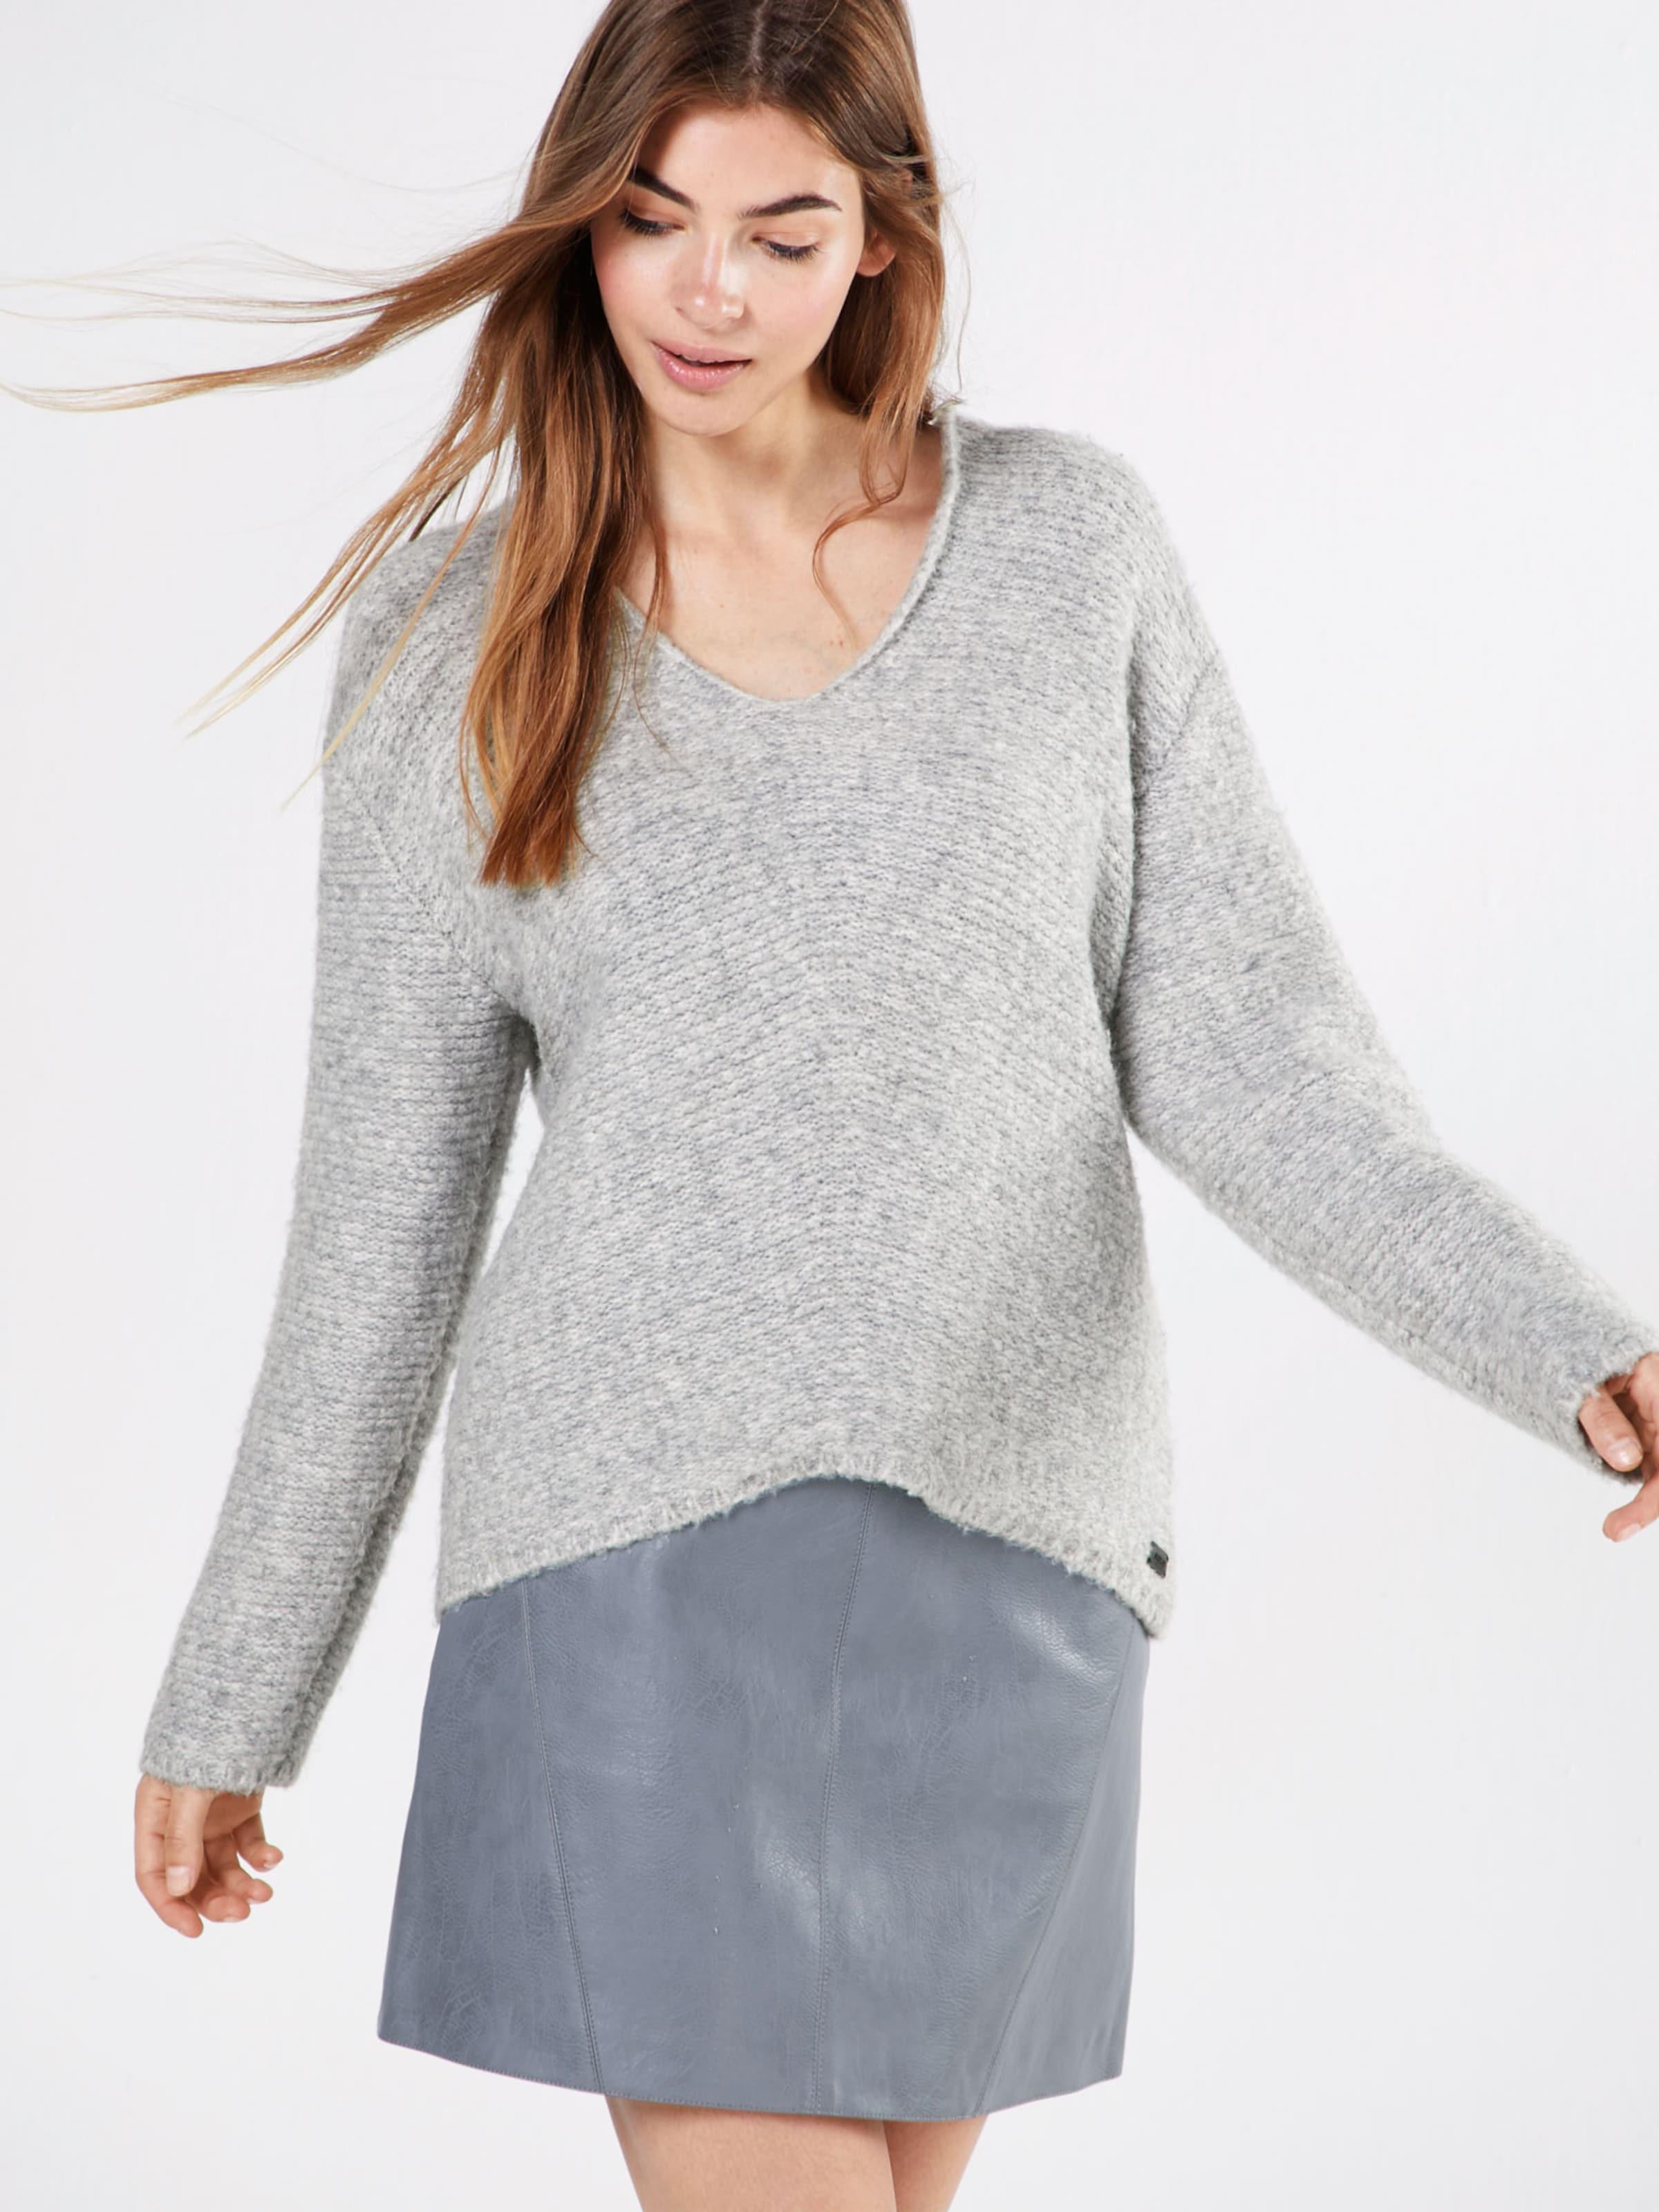 Freies Verschiffen Bester Platz REPLAY Oversize Pullover 'MESH' Auftrag Online-Shopping Online-Verkauf Schnelle Lieferung Verkauf Zahlung Mit Visa 90zhdZEKc